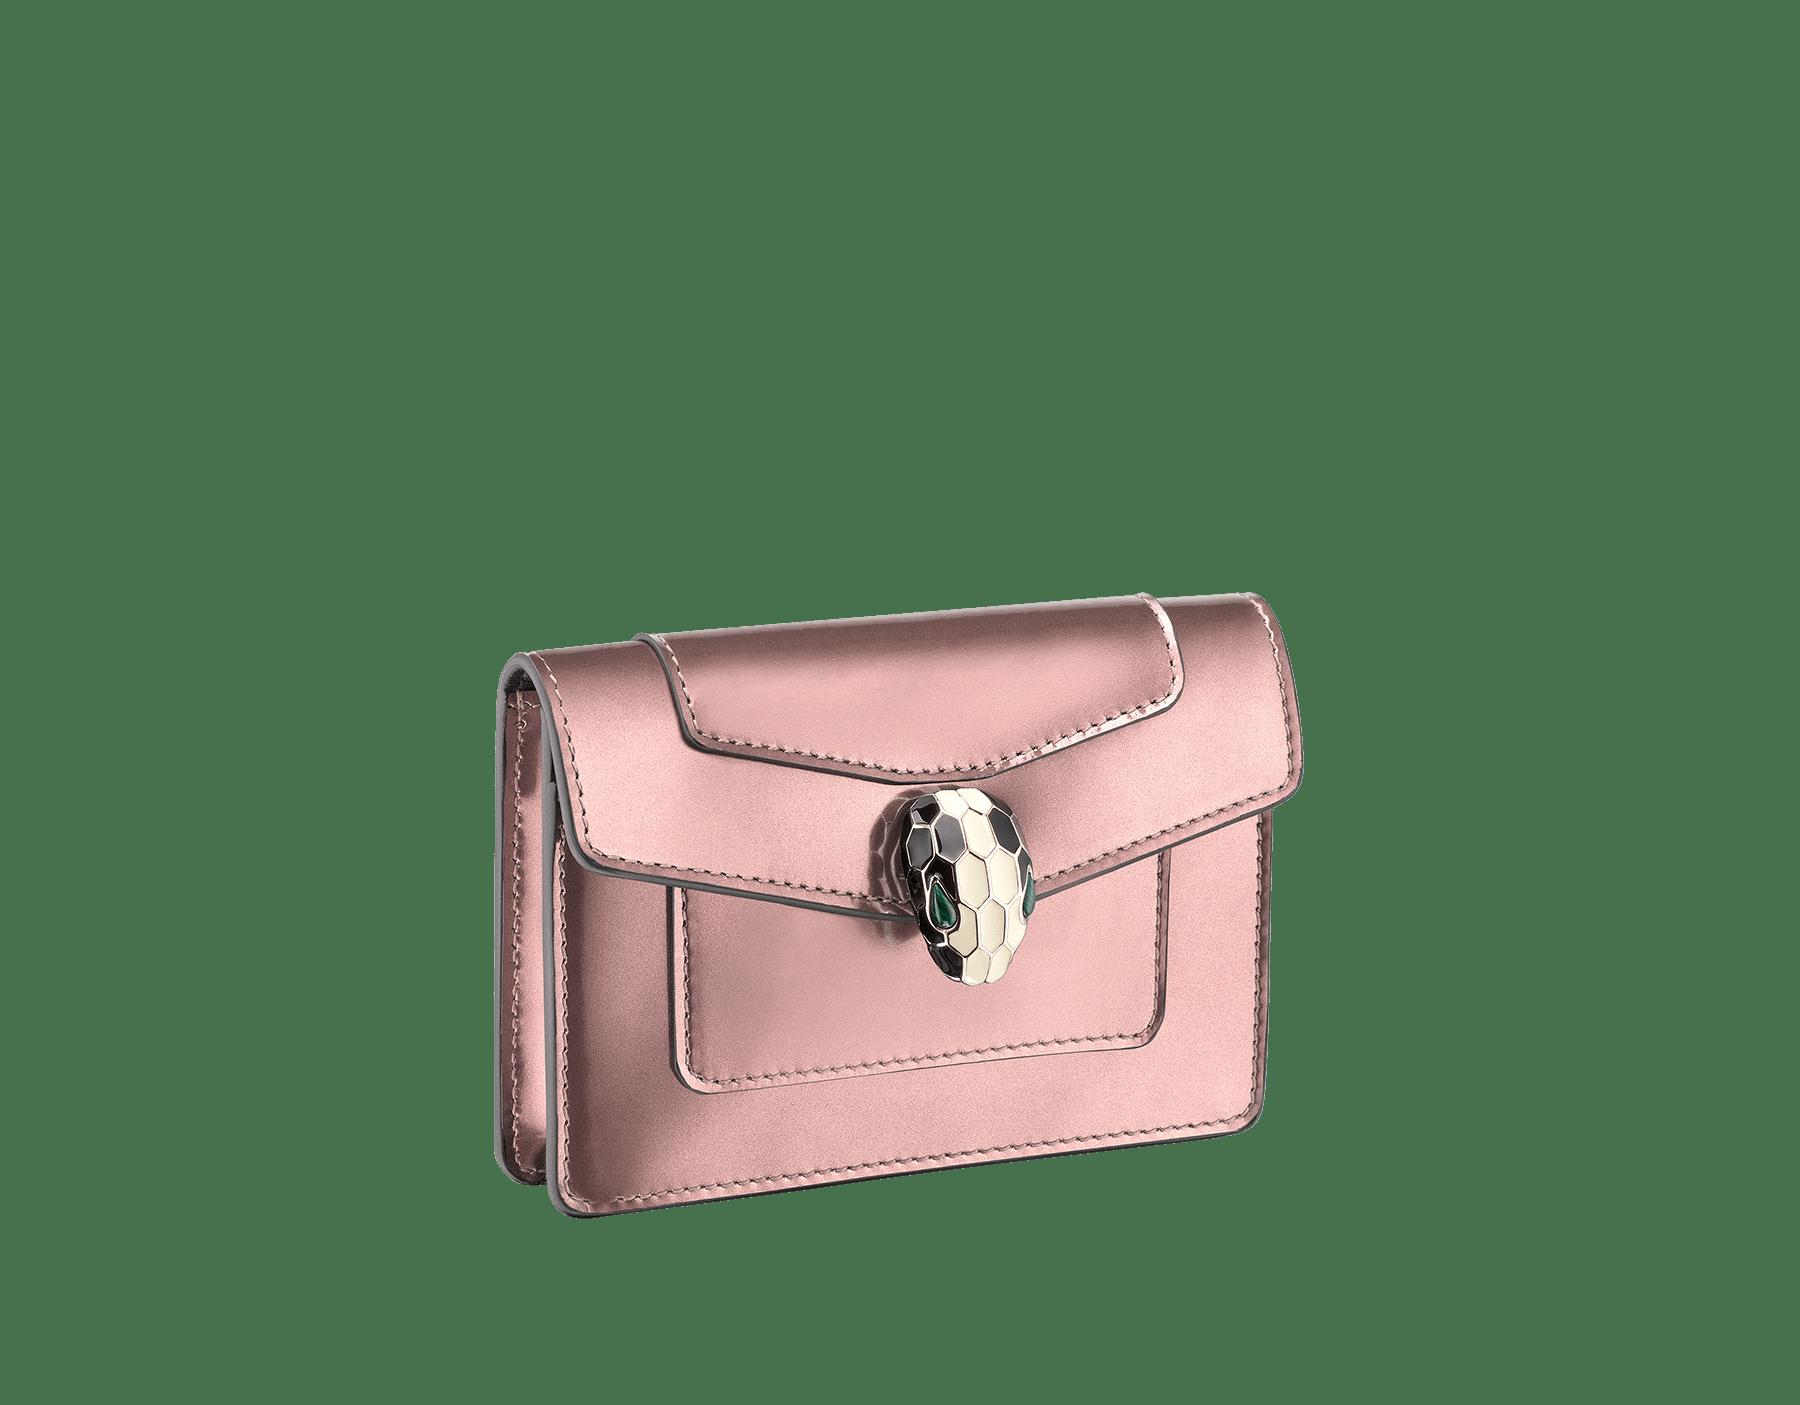 Étui pour cartes de crédit de poche en cuir de veau aspect métal brossé rose quartz et cuir de veau noir avec doublure en nappa noir. Fermoir pression Serpenti en laiton doré et émail noir et blanc avec yeux en malachite. 285820 image 1